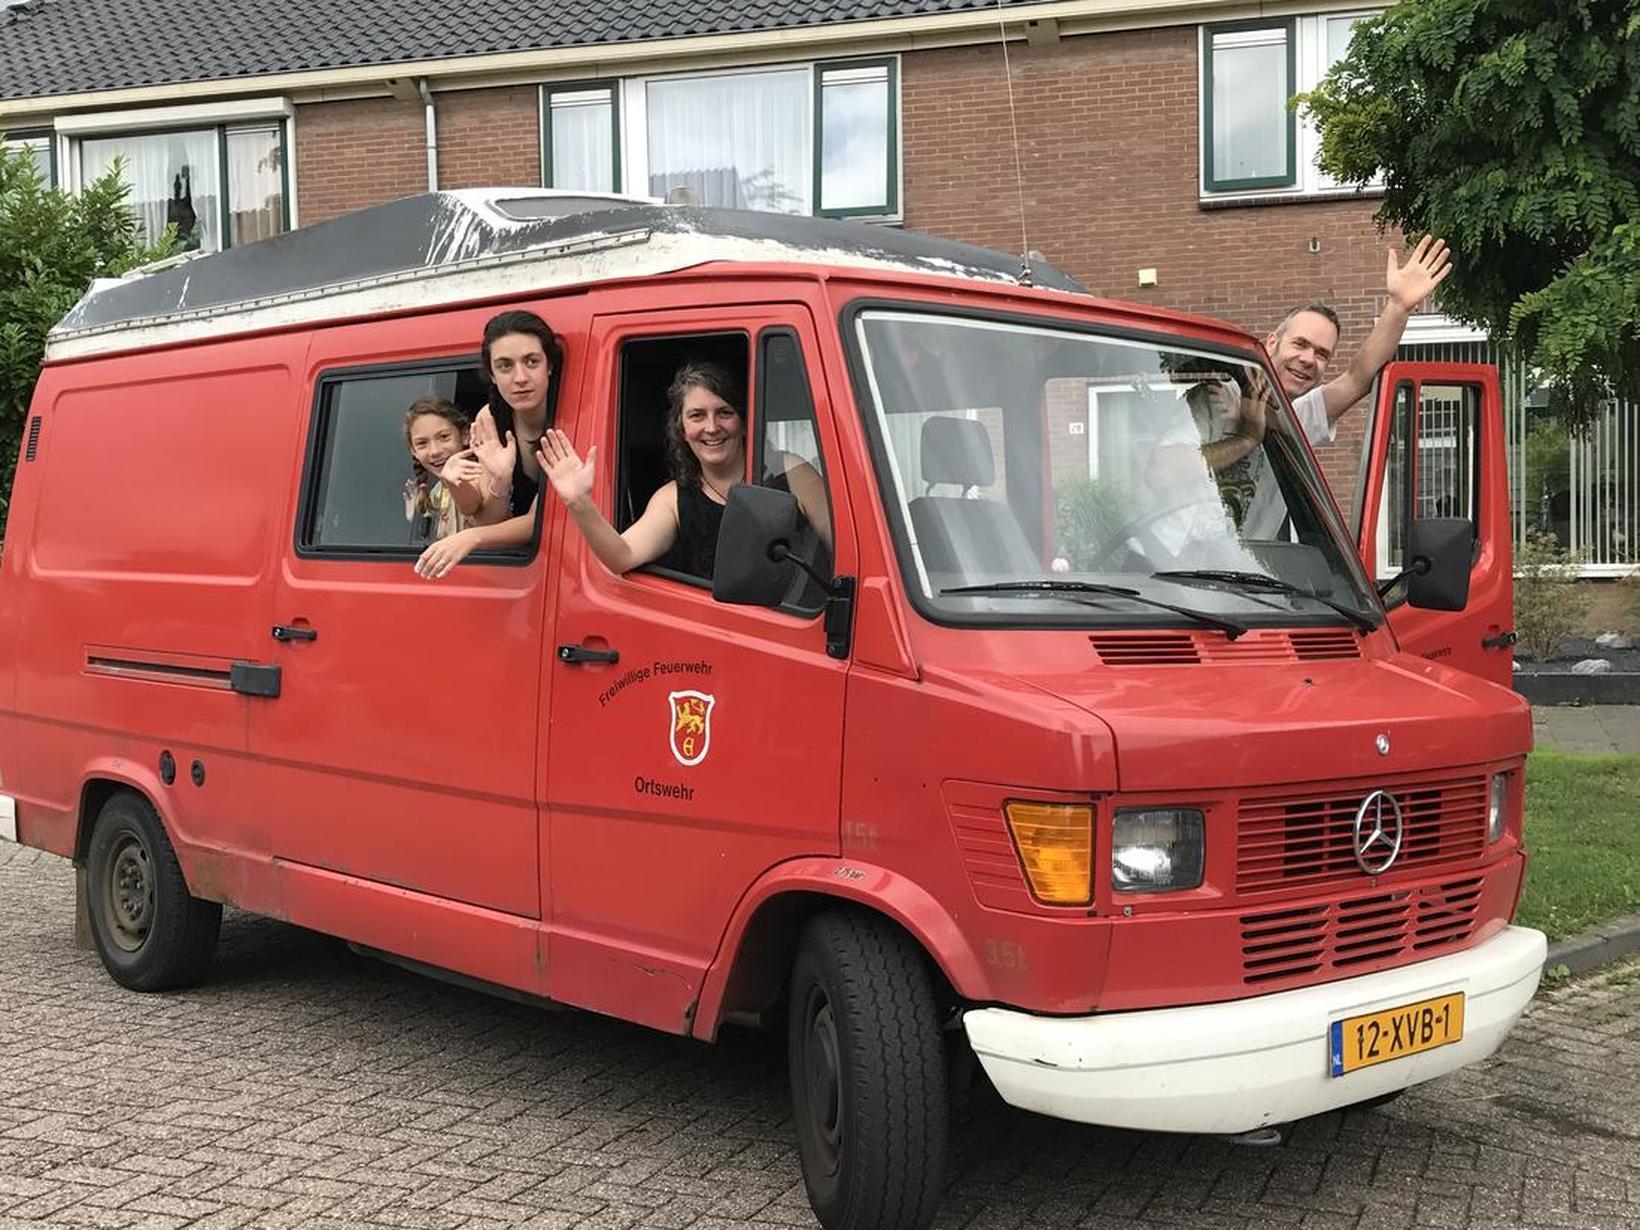 Barry & Natasja from Wijk bij Duurstede, Netherlands